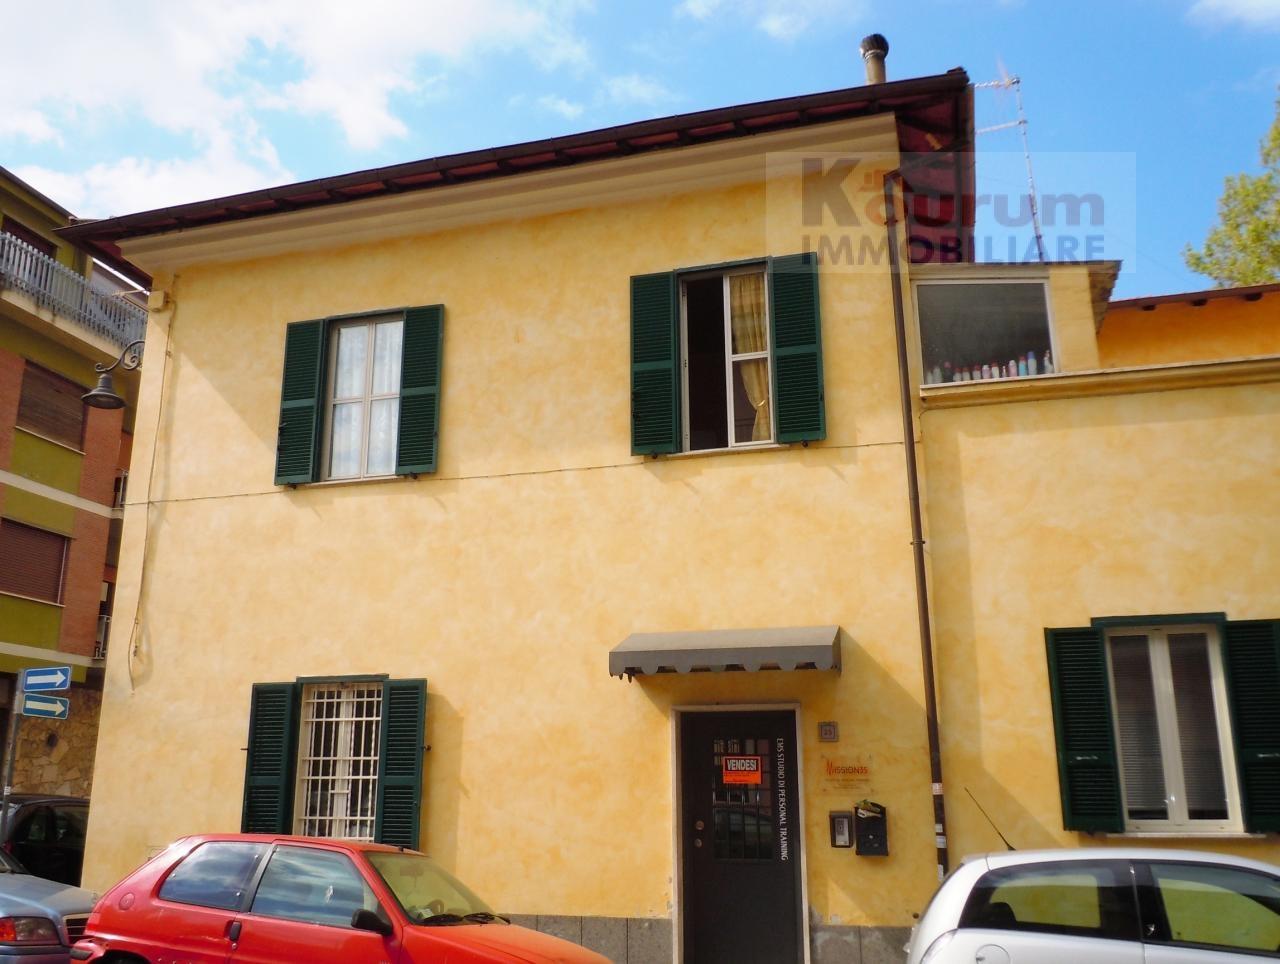 Ufficio / Studio in Vendita a Grottaferrata